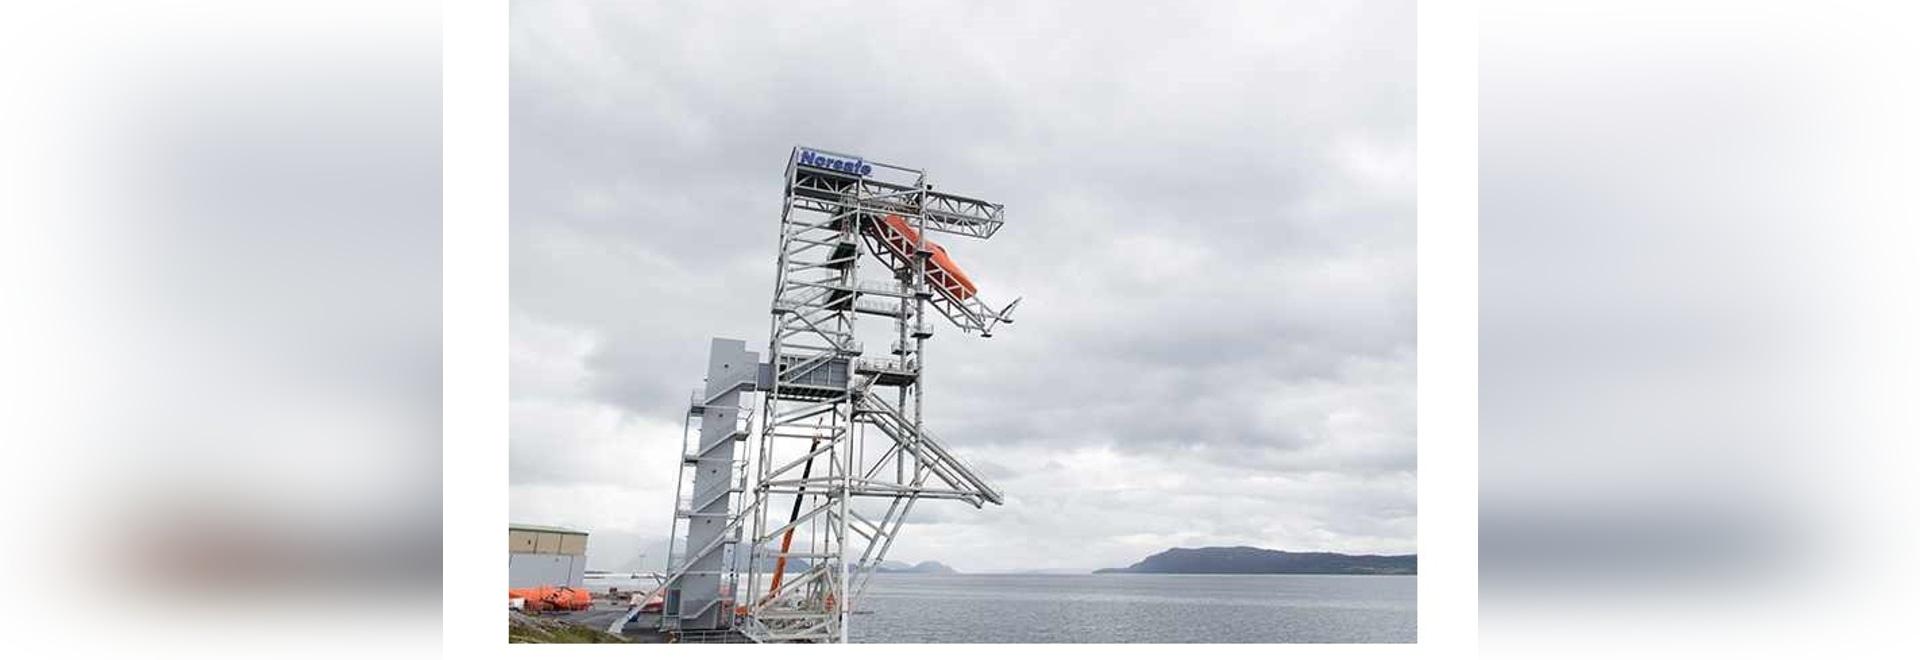 Norsafe se está centrando en el entrenamiento para ayudar a prevenir accidentes al lanzar los botes salvavidas